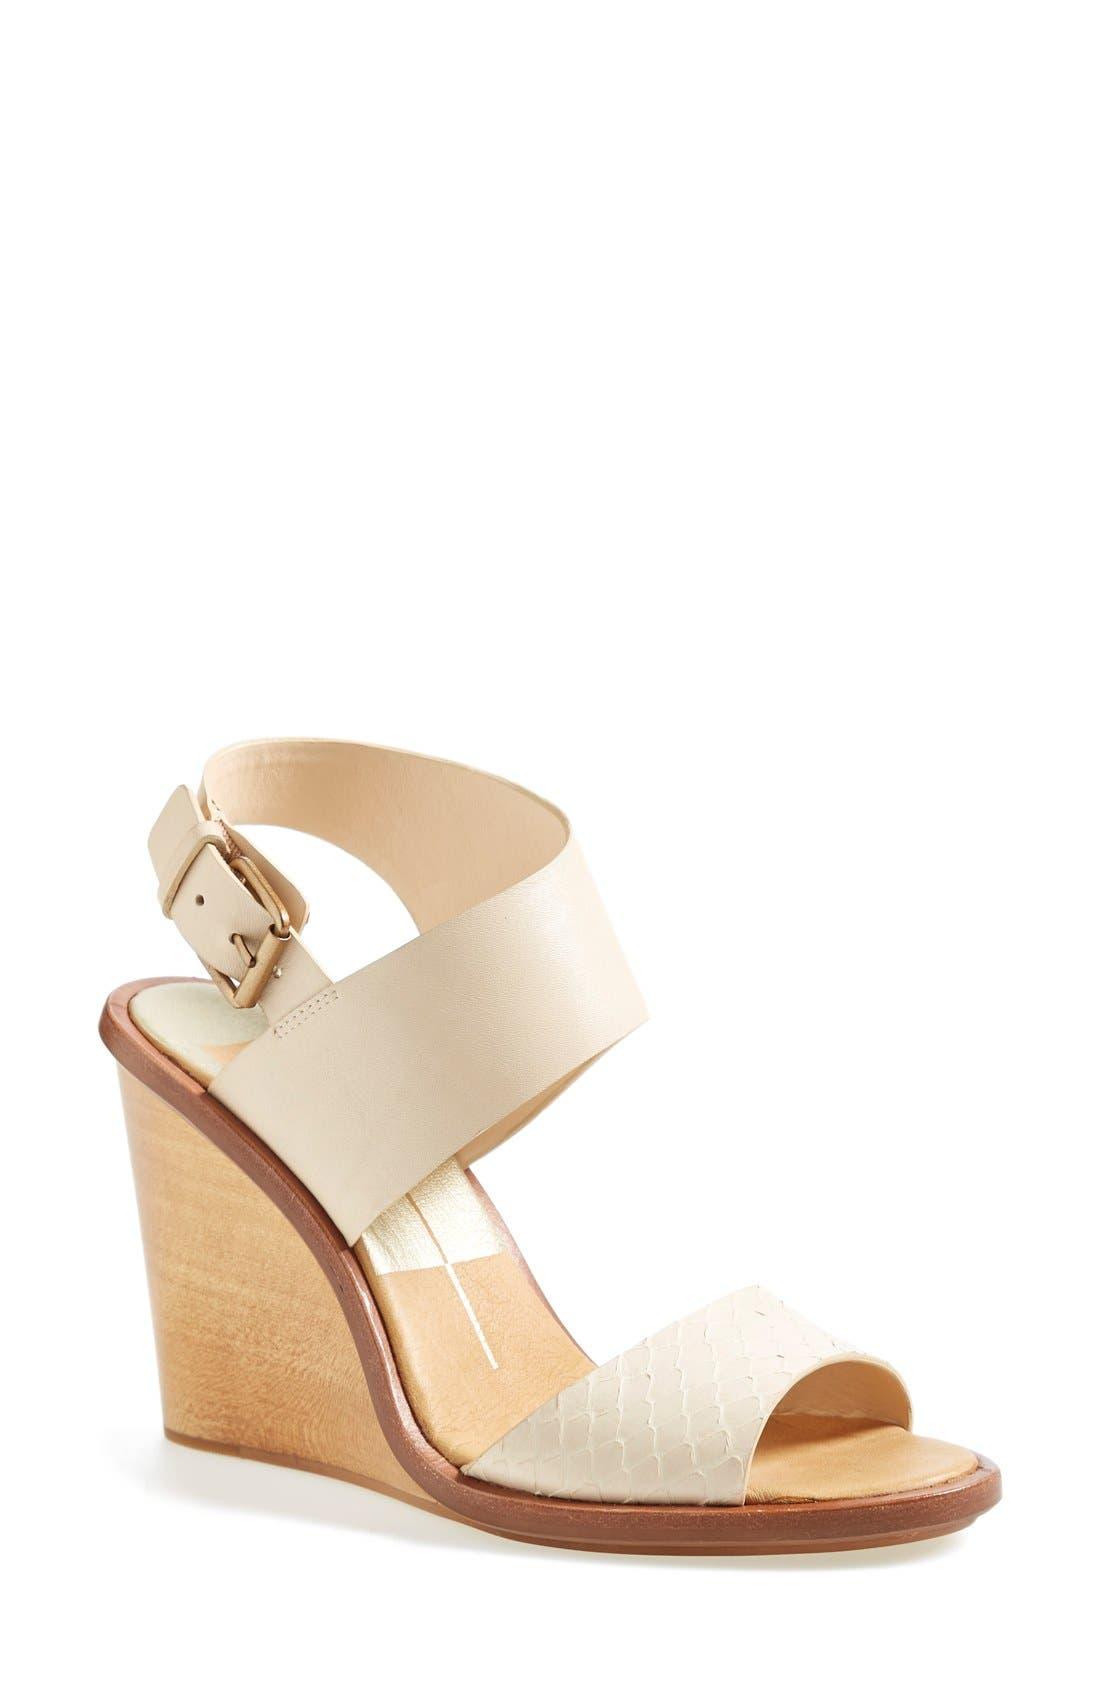 Alternate Image 1 Selected - Dolce Vita 'Jodi' Snake Embossed Leather Wedge Sandal (Women)